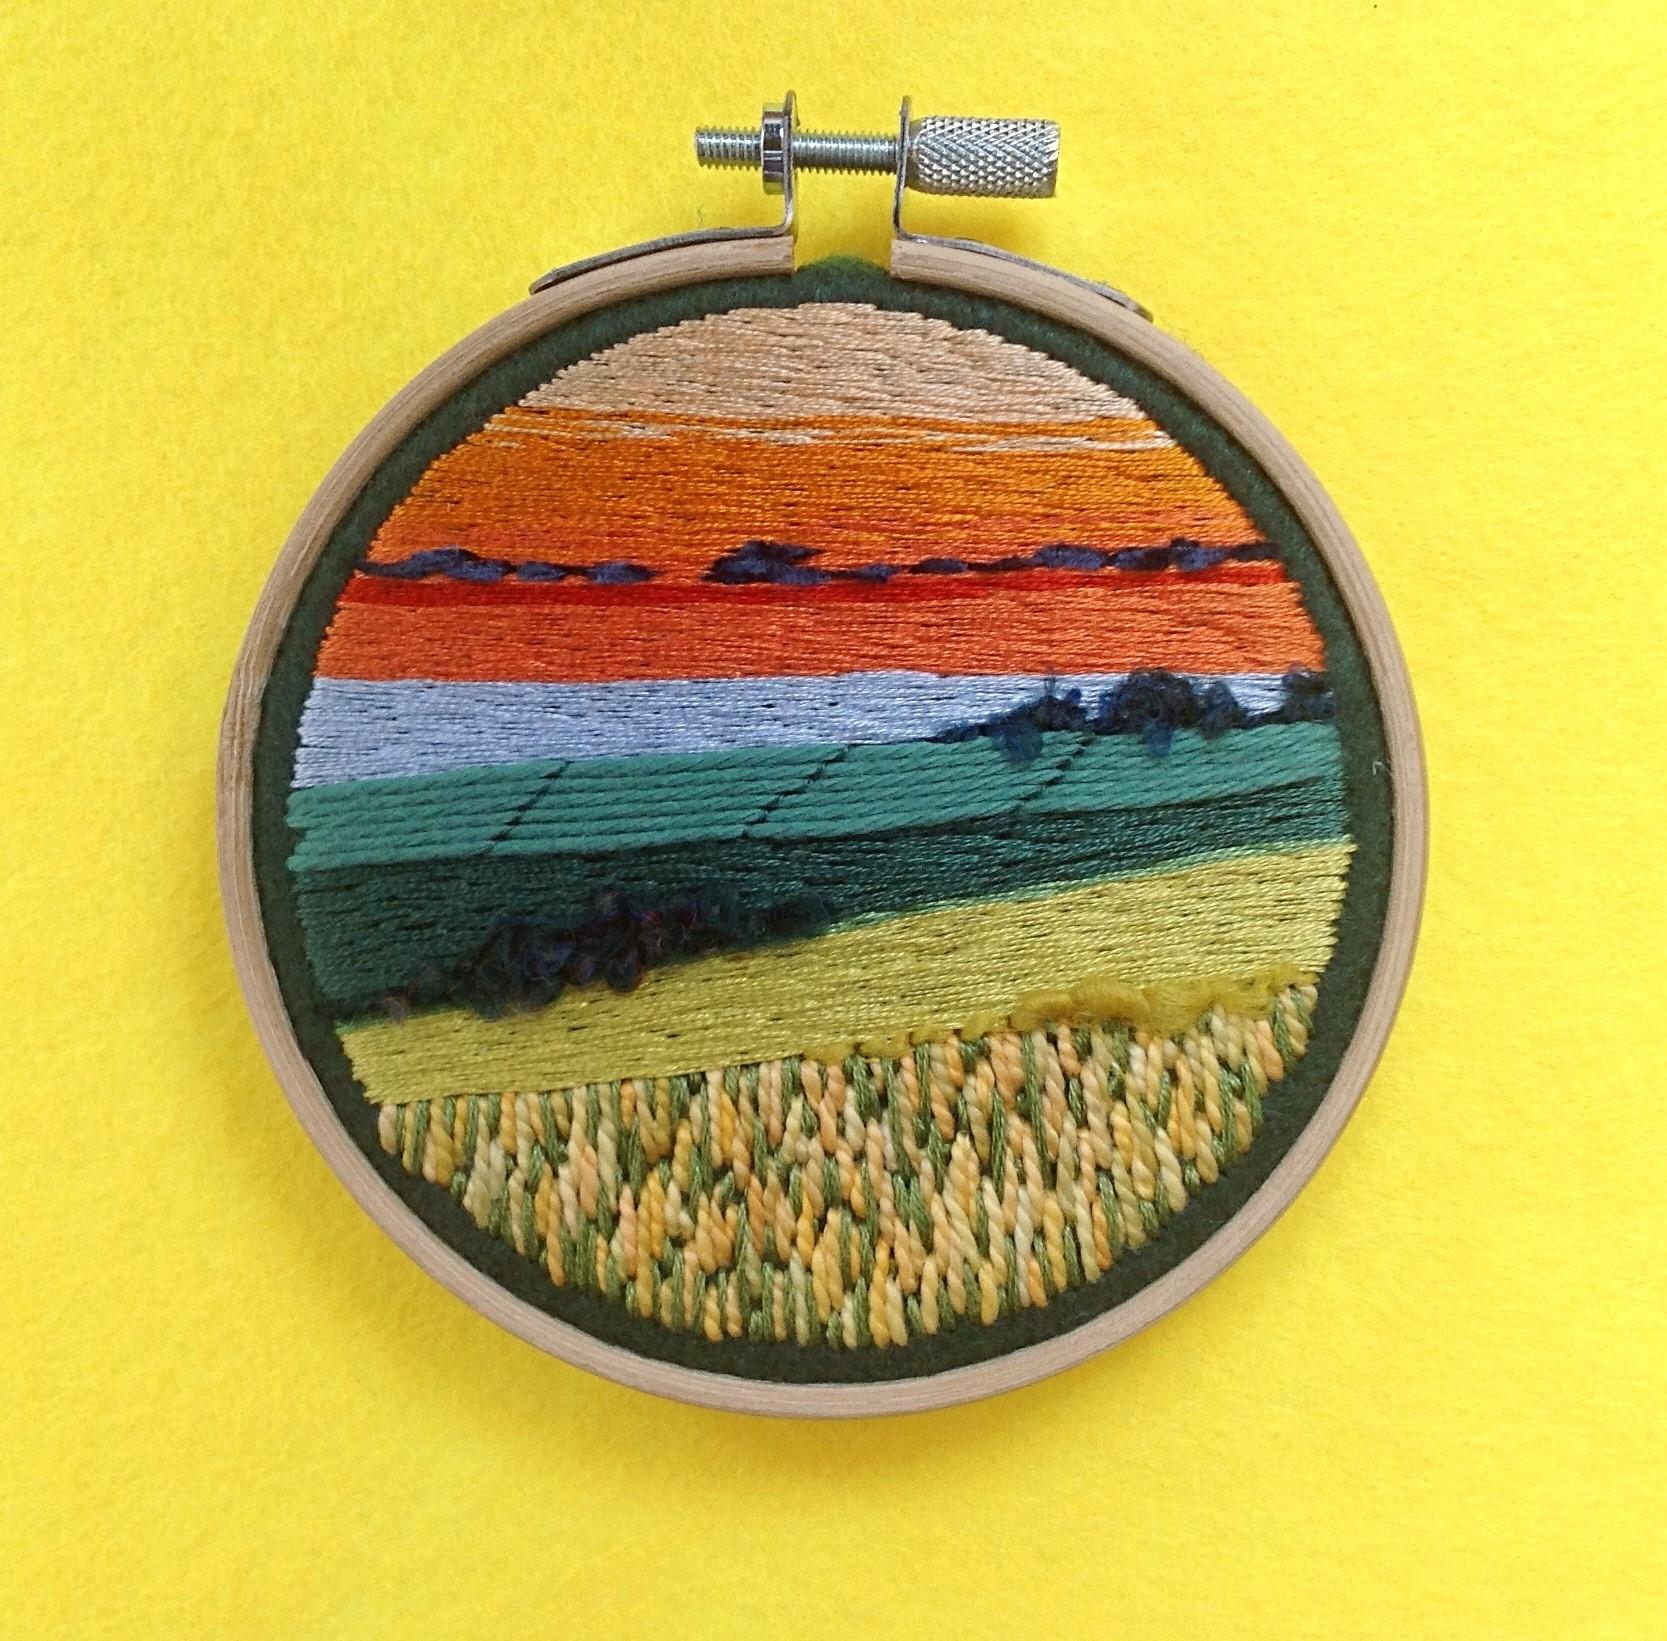 Stitch Art by Renata